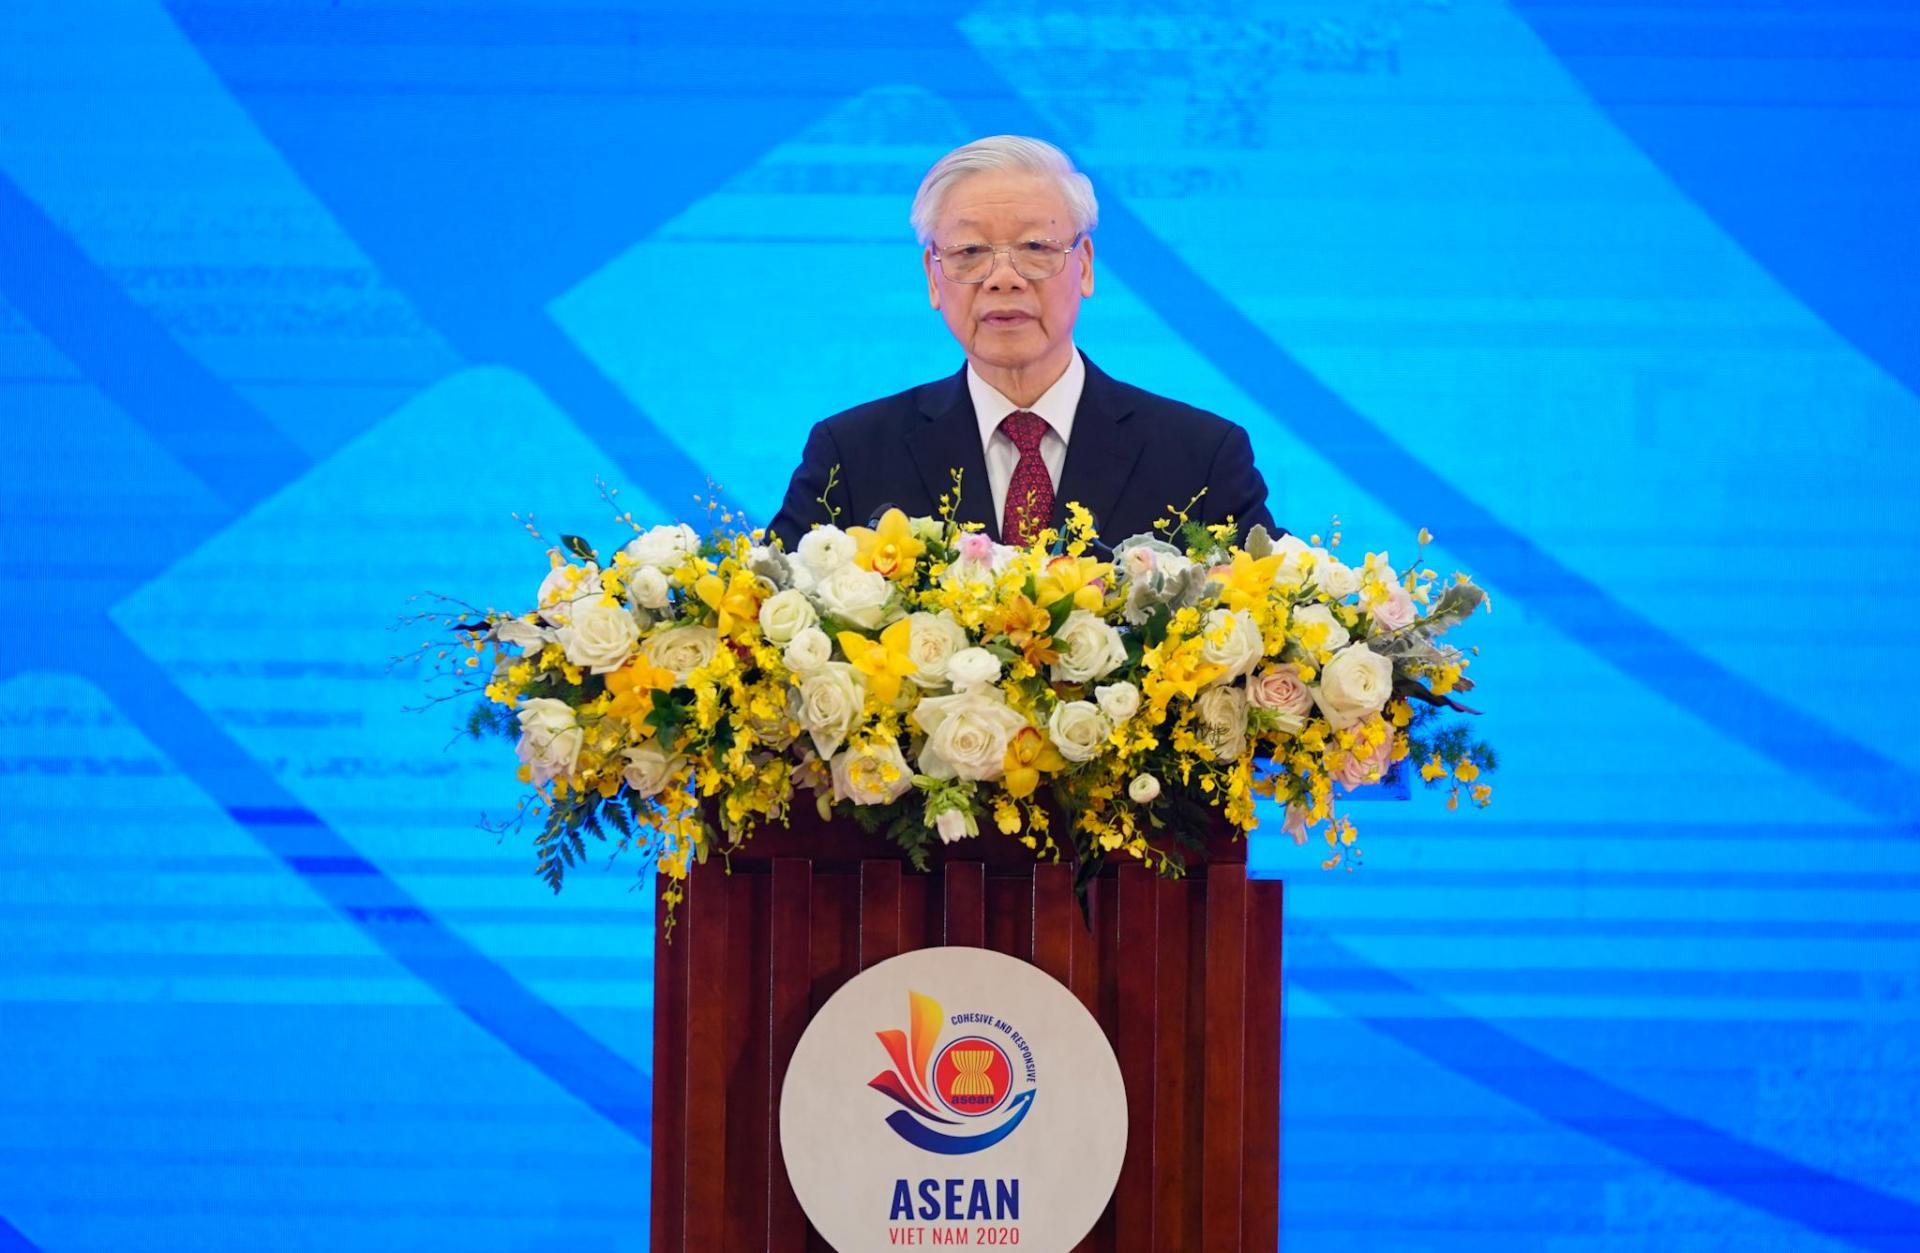 Tổng Bí thư, Chủ tịch nước Nguyễn Phú Trọng phát biểu chào mừng tại lễ khai mạc Hội nghị Cấp cao ASEAN lần thứ 37.